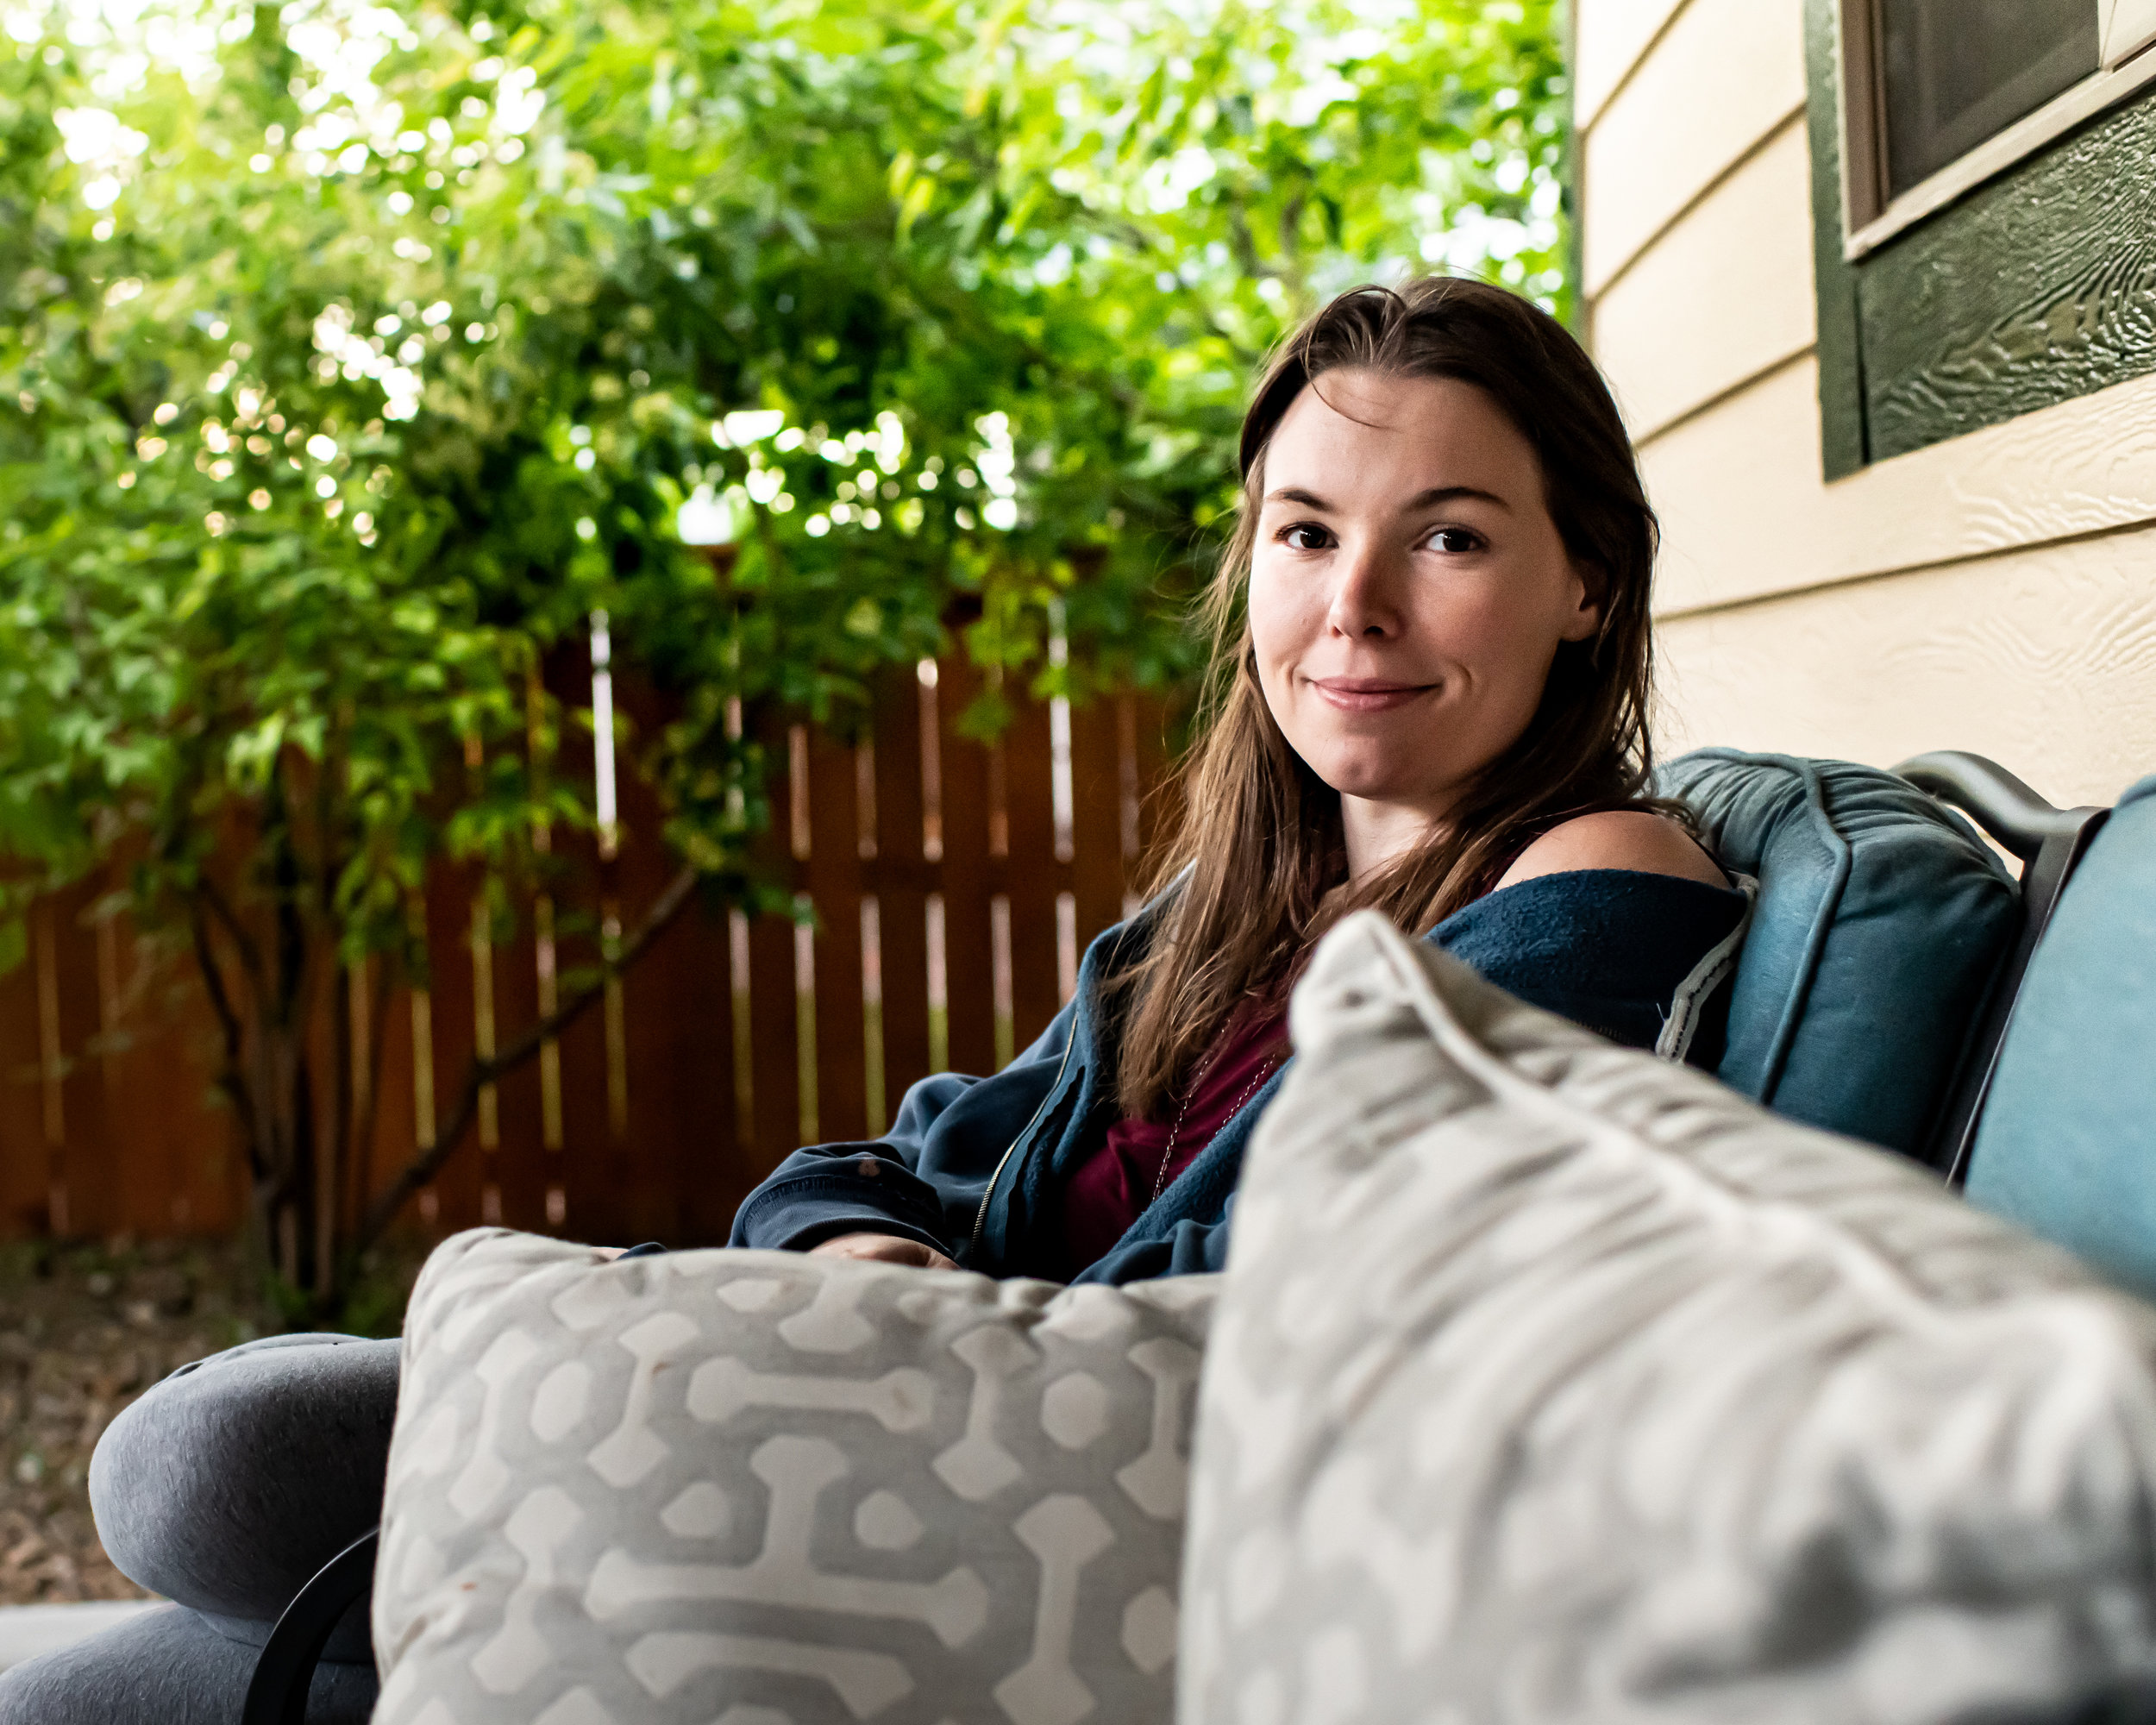 Chelsea-Delanie-Fort-Collins-Birth-Newborn-Photographer.jpg